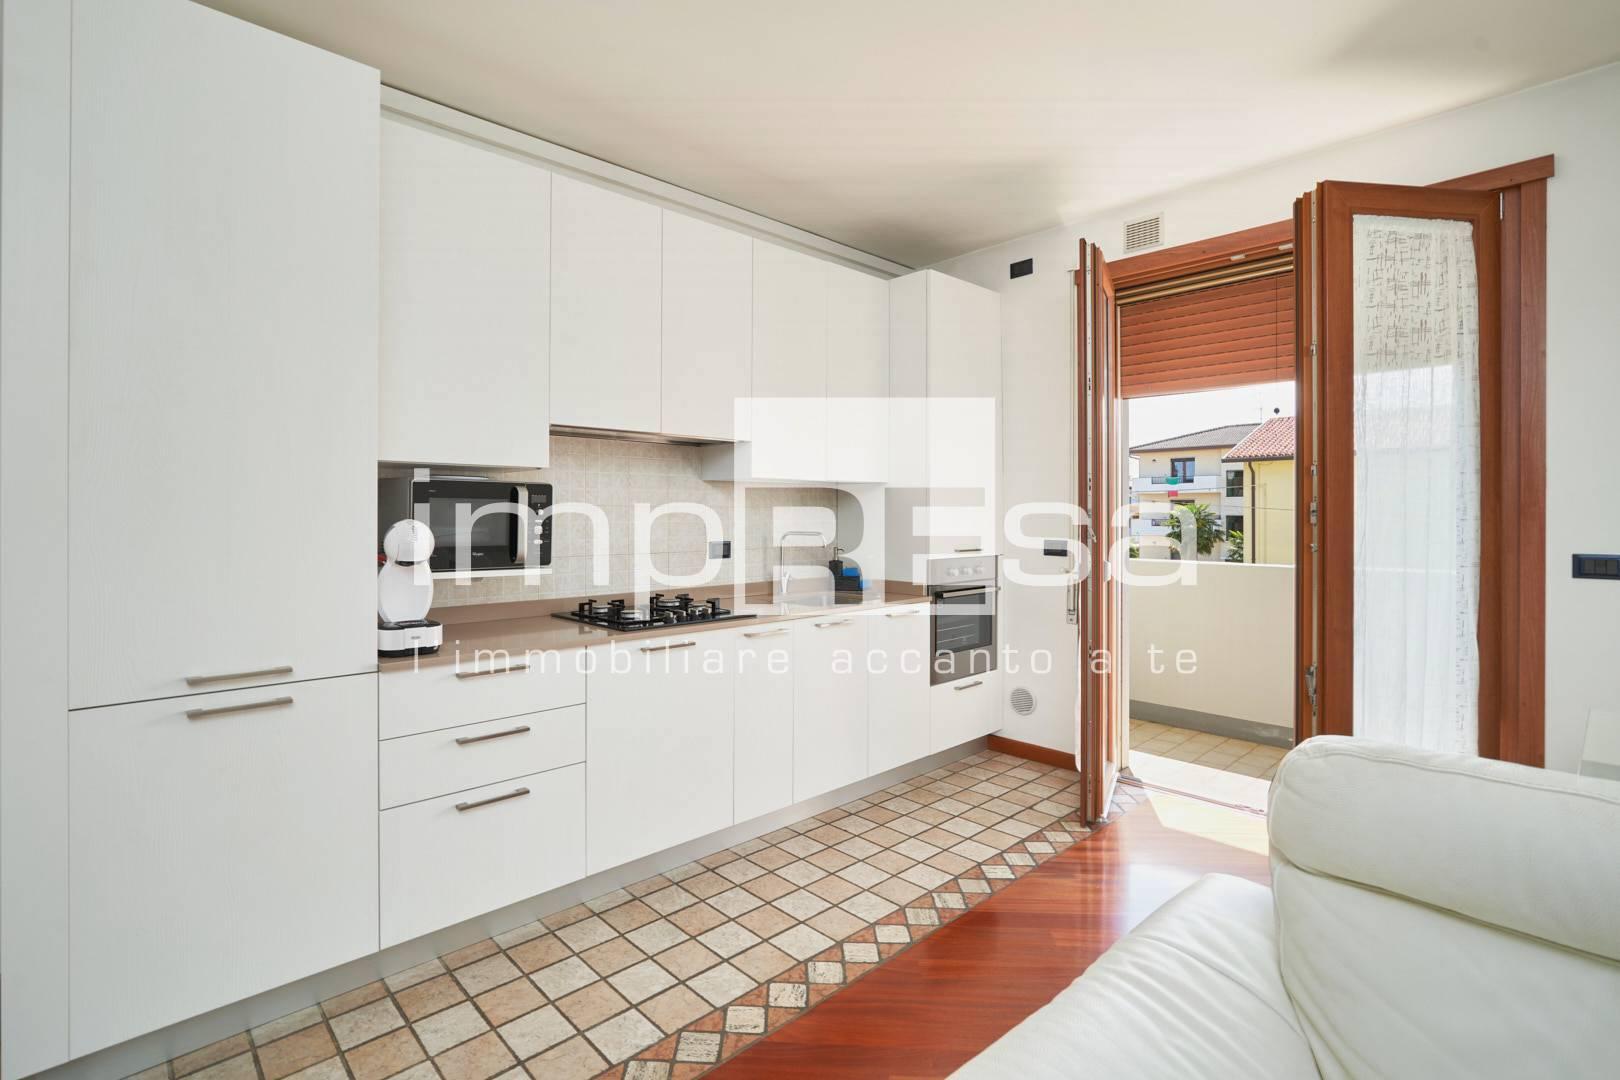 Appartamento in vendita a Salzano, 3 locali, zona gano, prezzo € 120.000 | PortaleAgenzieImmobiliari.it